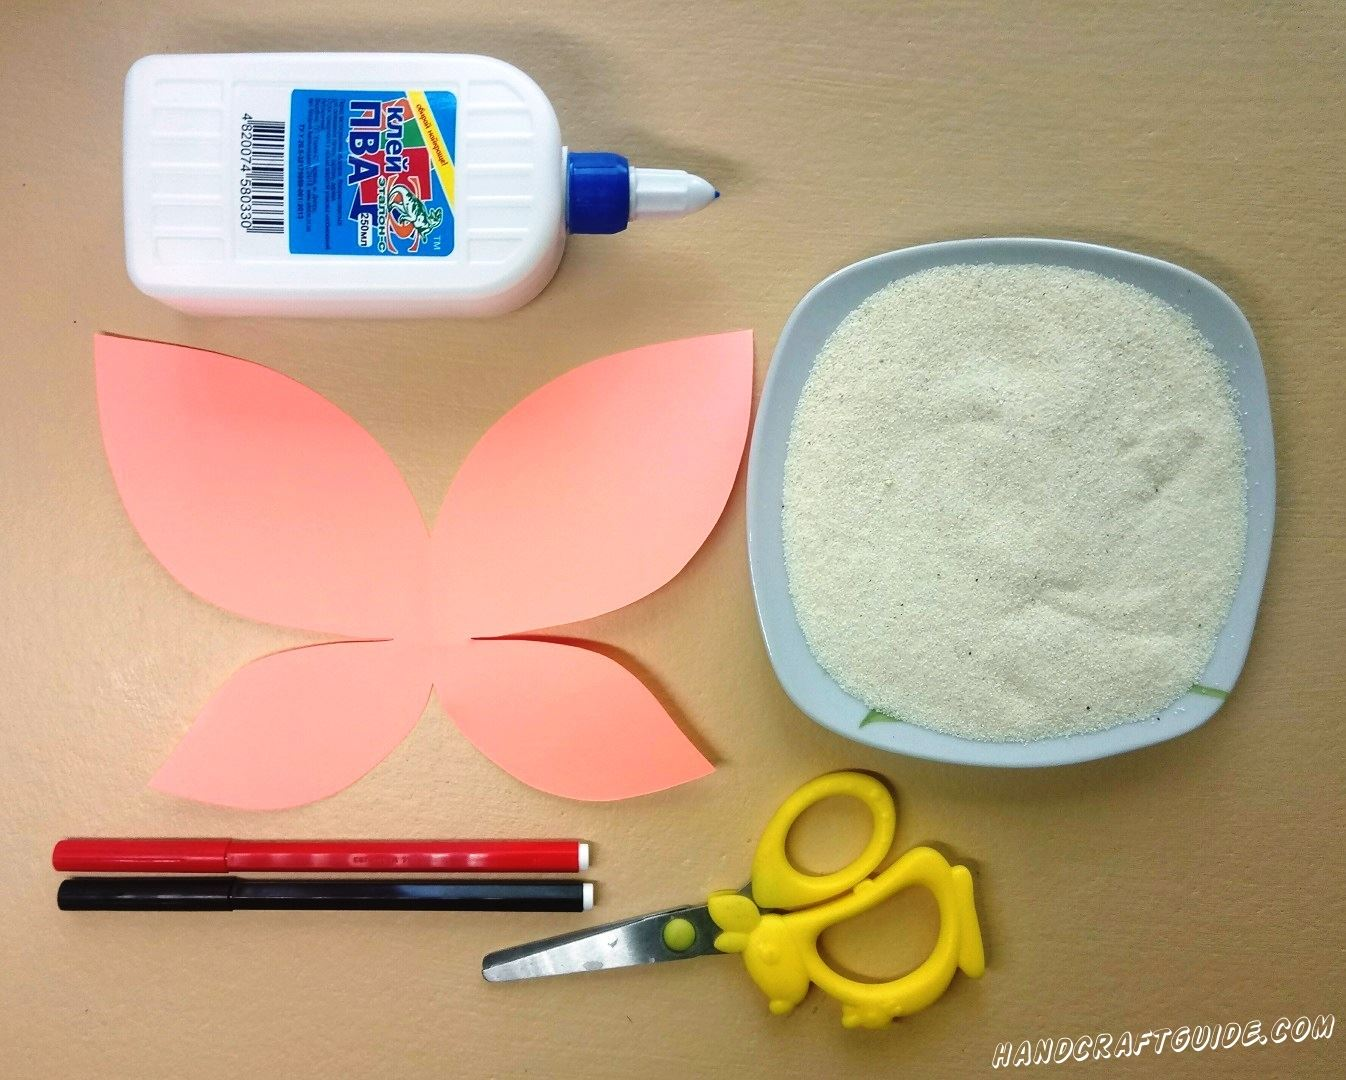 Из розового листка бумаги вырезаем красивую бабочку